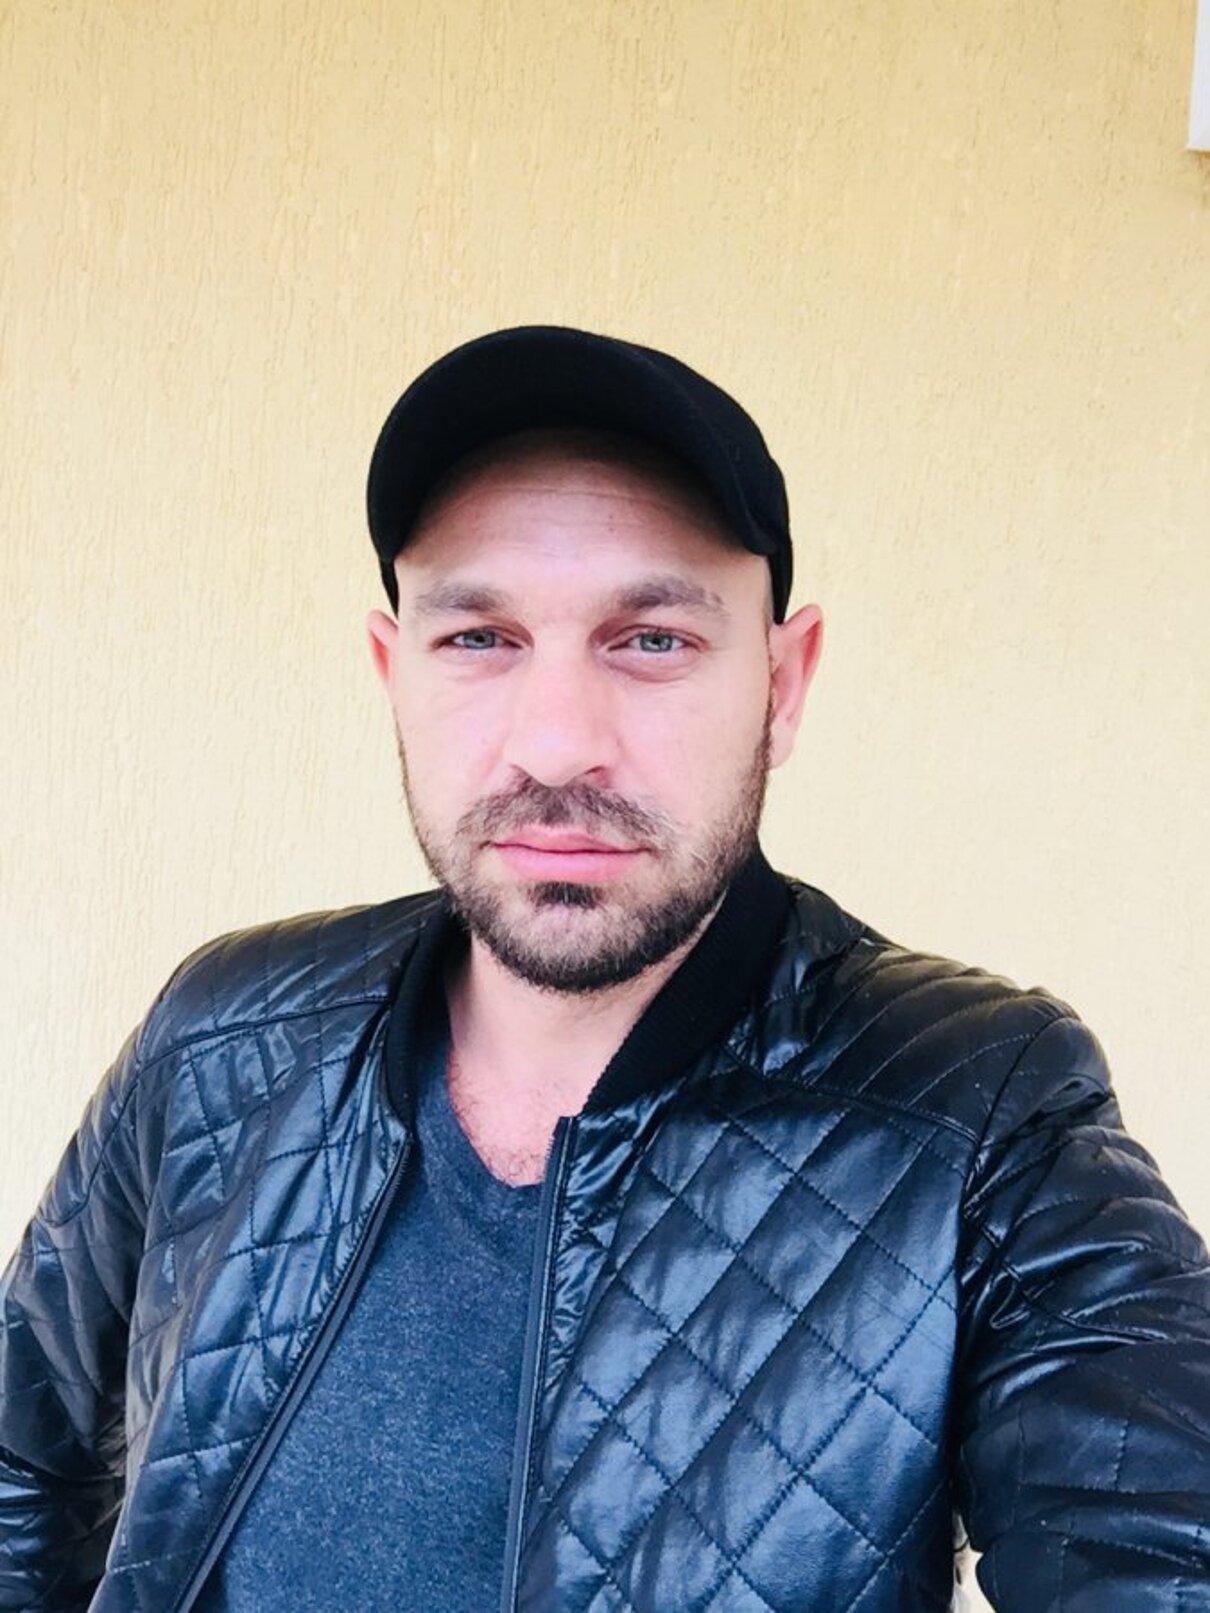 Жалоба-отзыв: Шереметьев Игорь Алексеевич - Аферист.  Фото №2